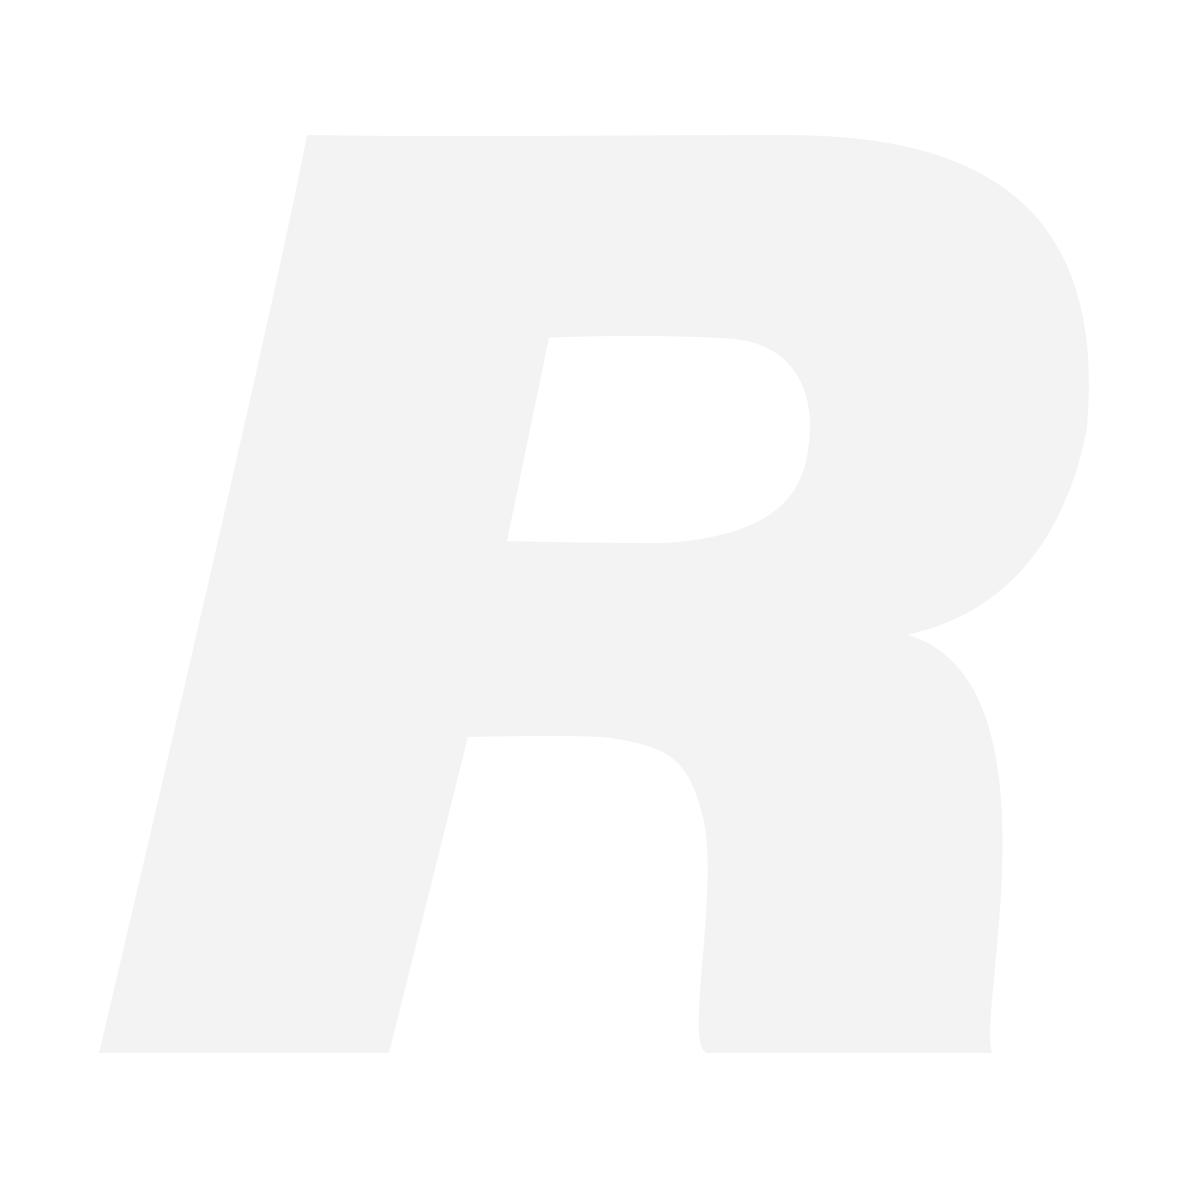 Zeiss Sonnar T* SEL 24mm f/1.8 ZA -objektiv